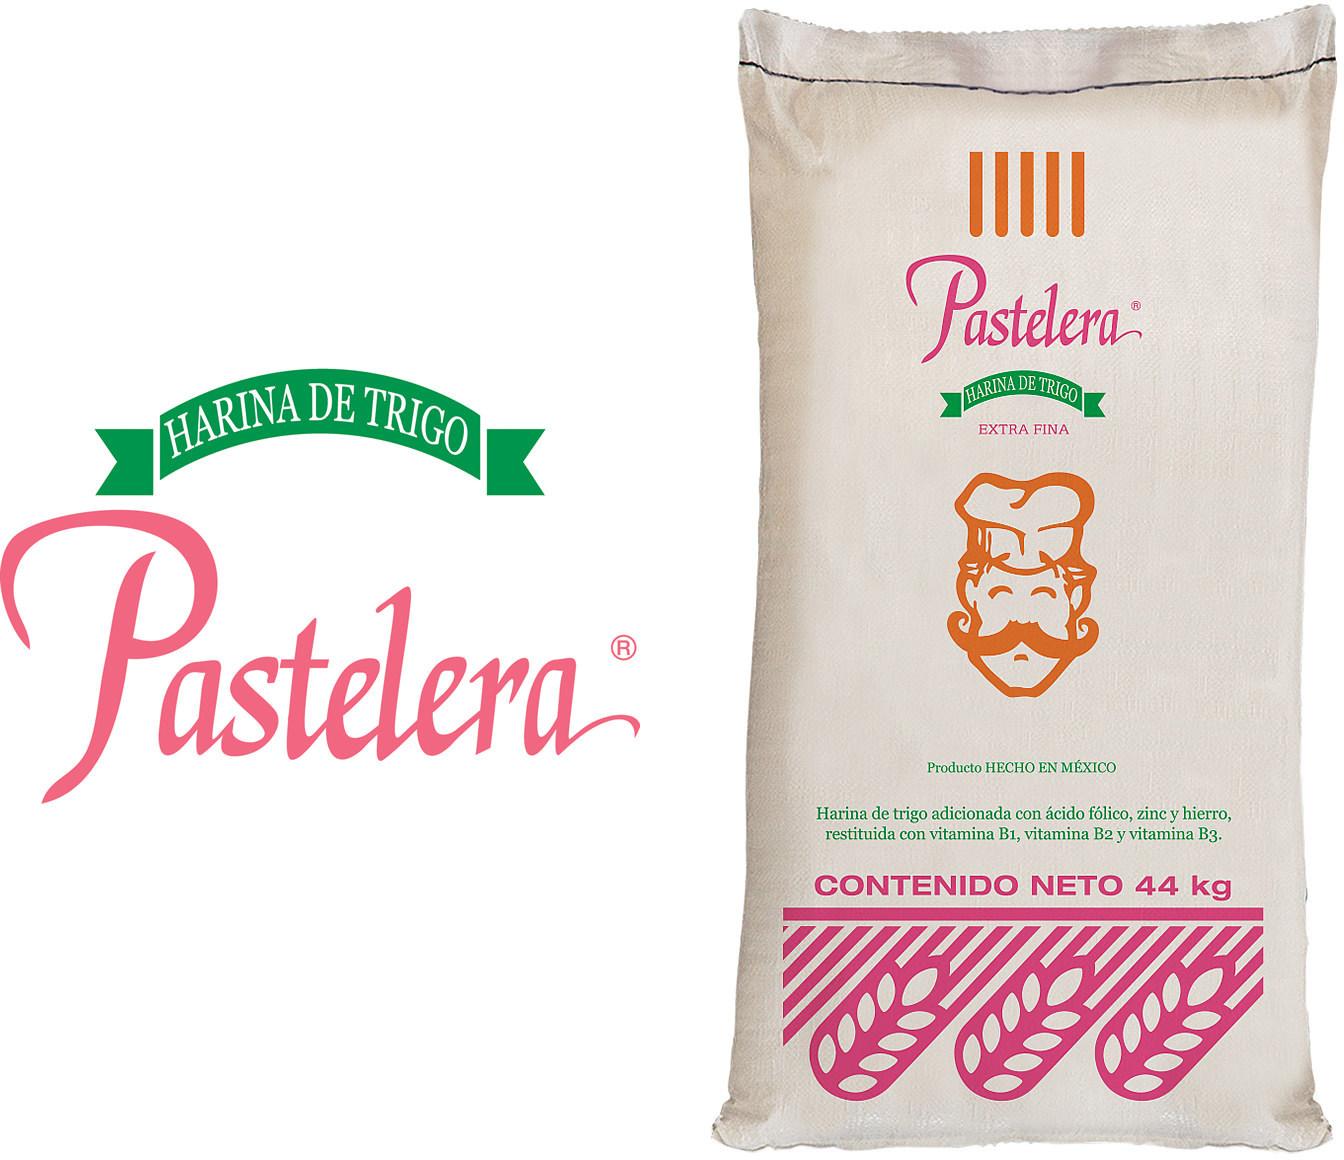 La harina Pastelera se recomienda especialmente para panquelería fina y repostería.